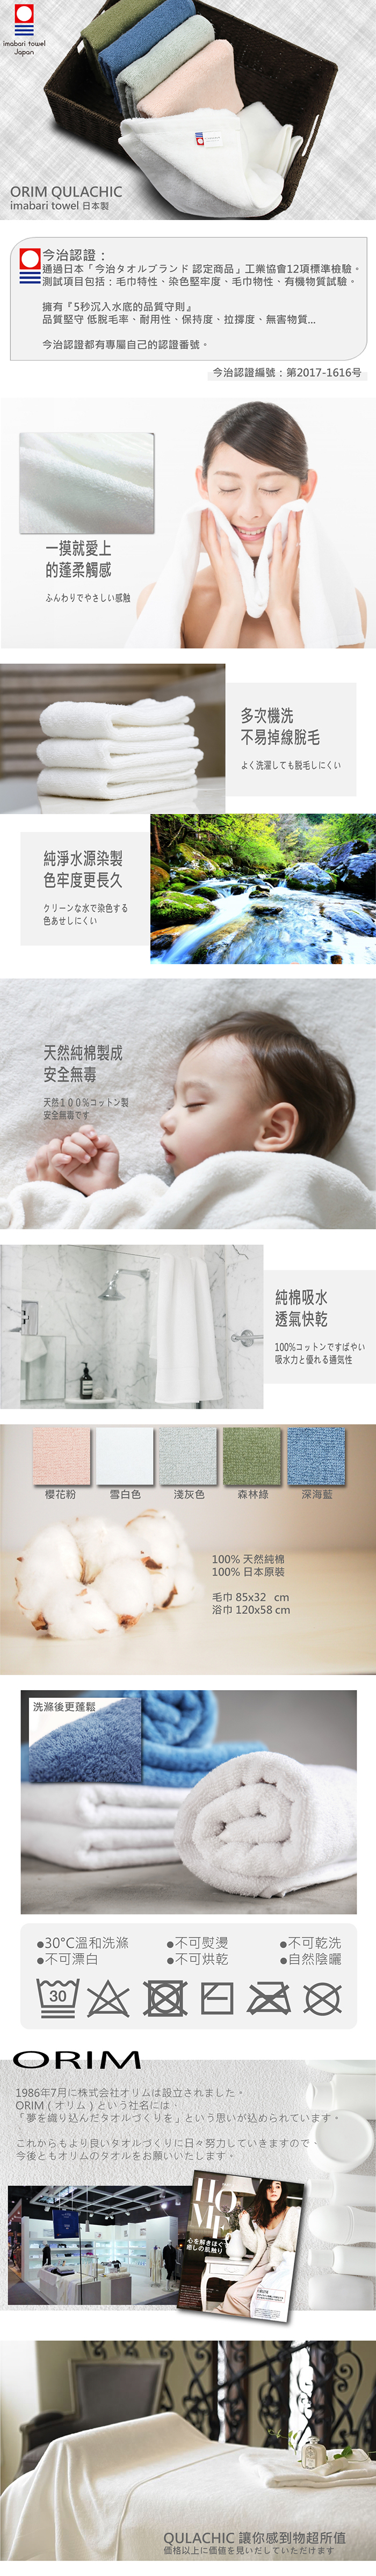 日本品織|ORIM QULACHIC 今治毛巾 - 雪白色